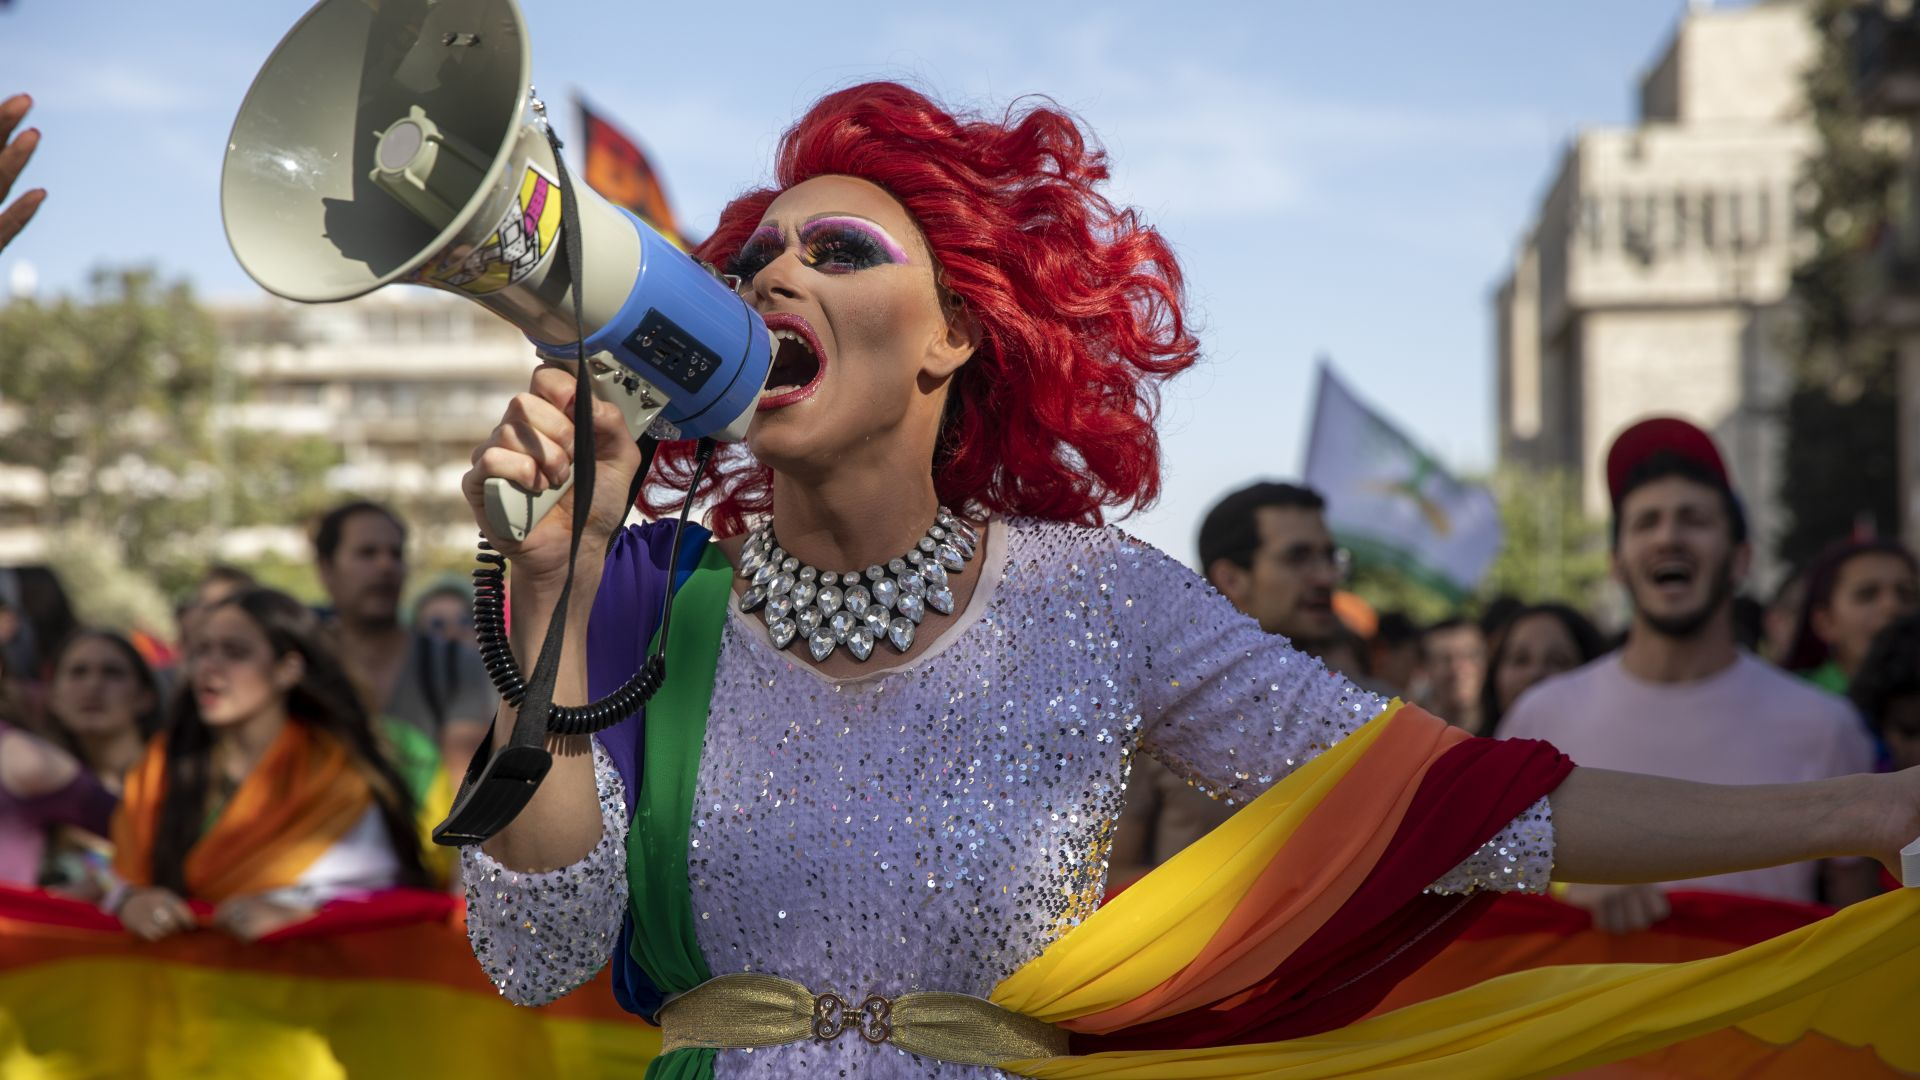 Гей парадът в Ерусалим събра няколко хиляди при засилени мерки заради заплахи (снимки)